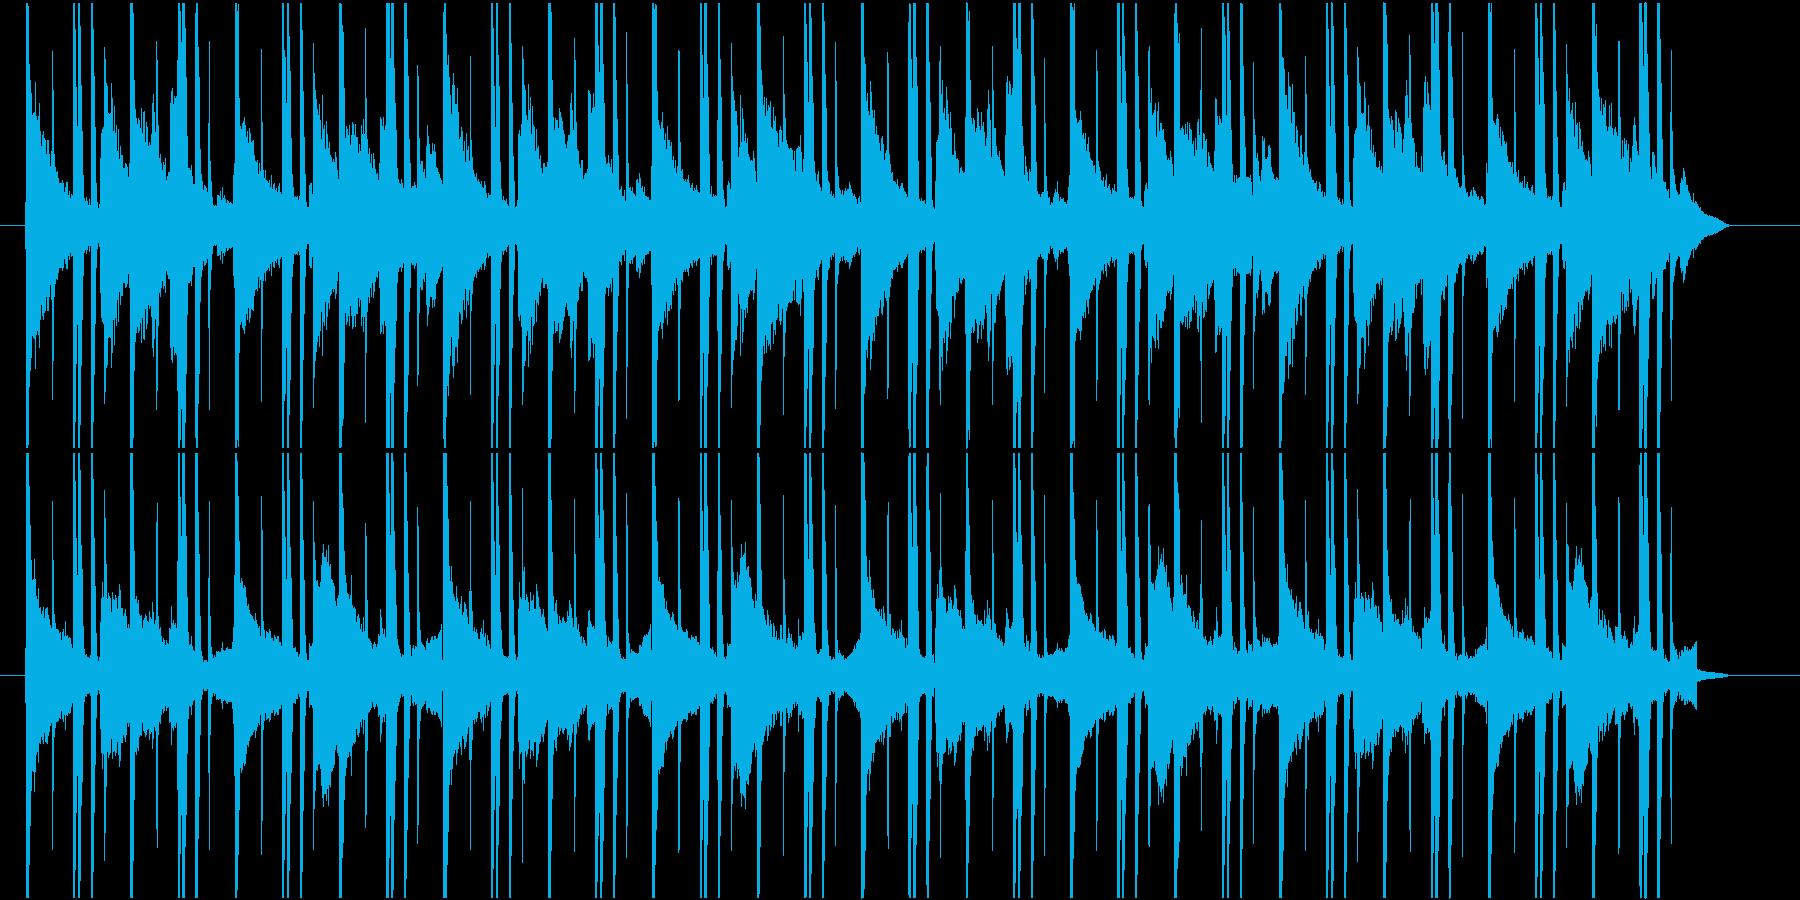 Lo-Fiなゆったりおしゃれ曲の再生済みの波形